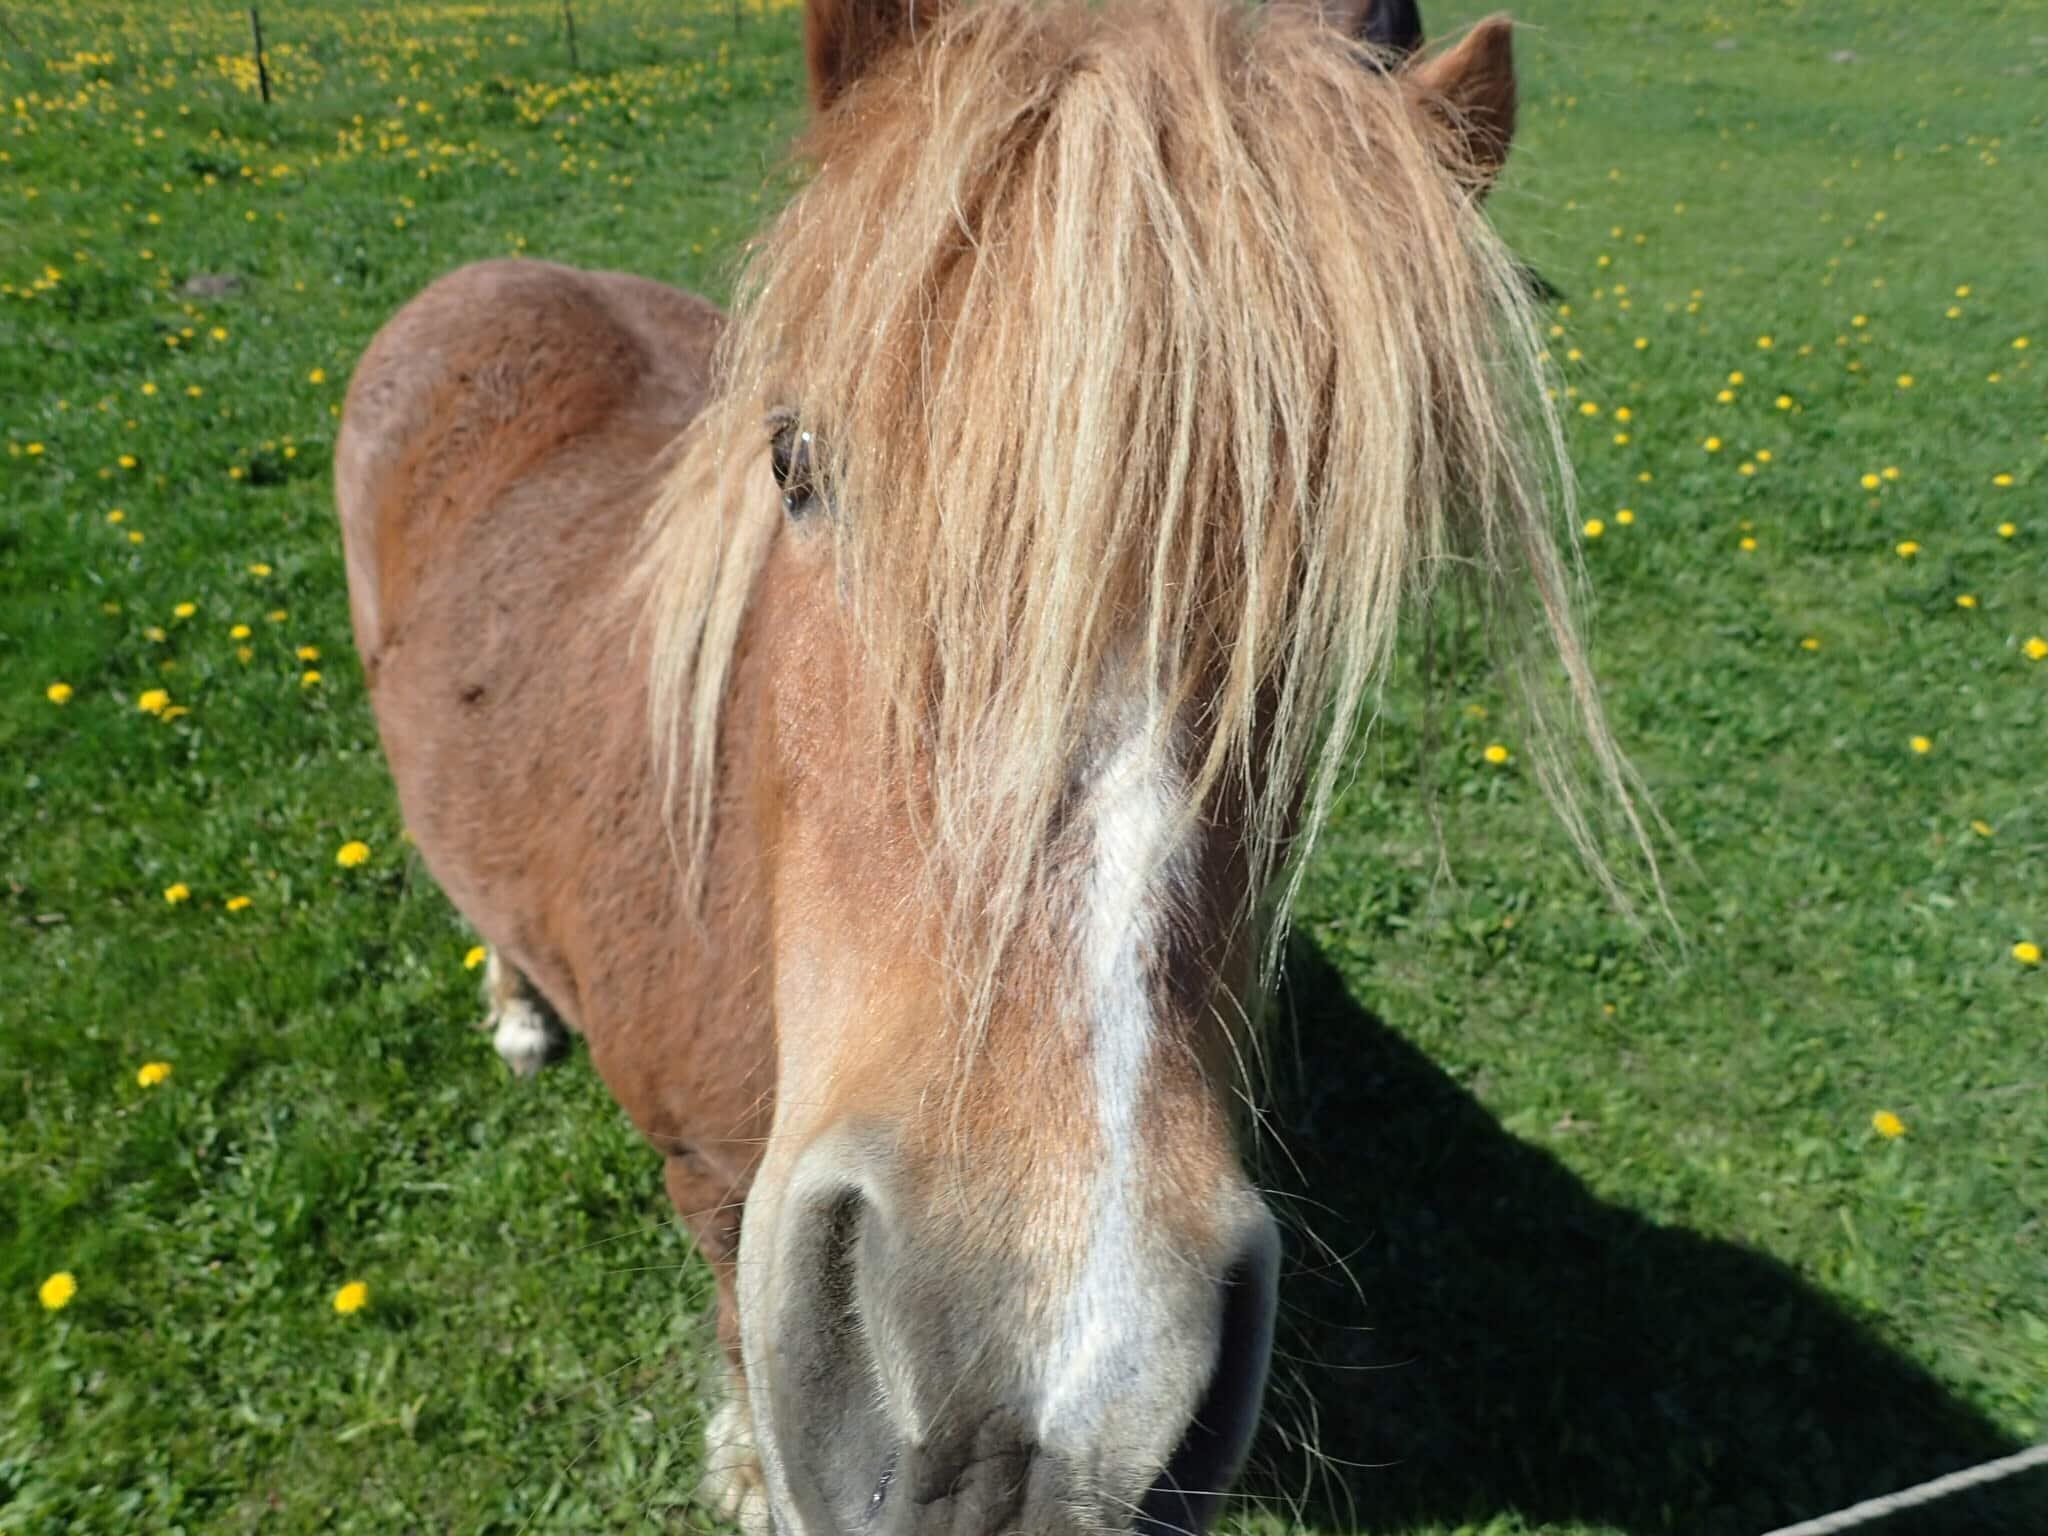 A curious mini horse